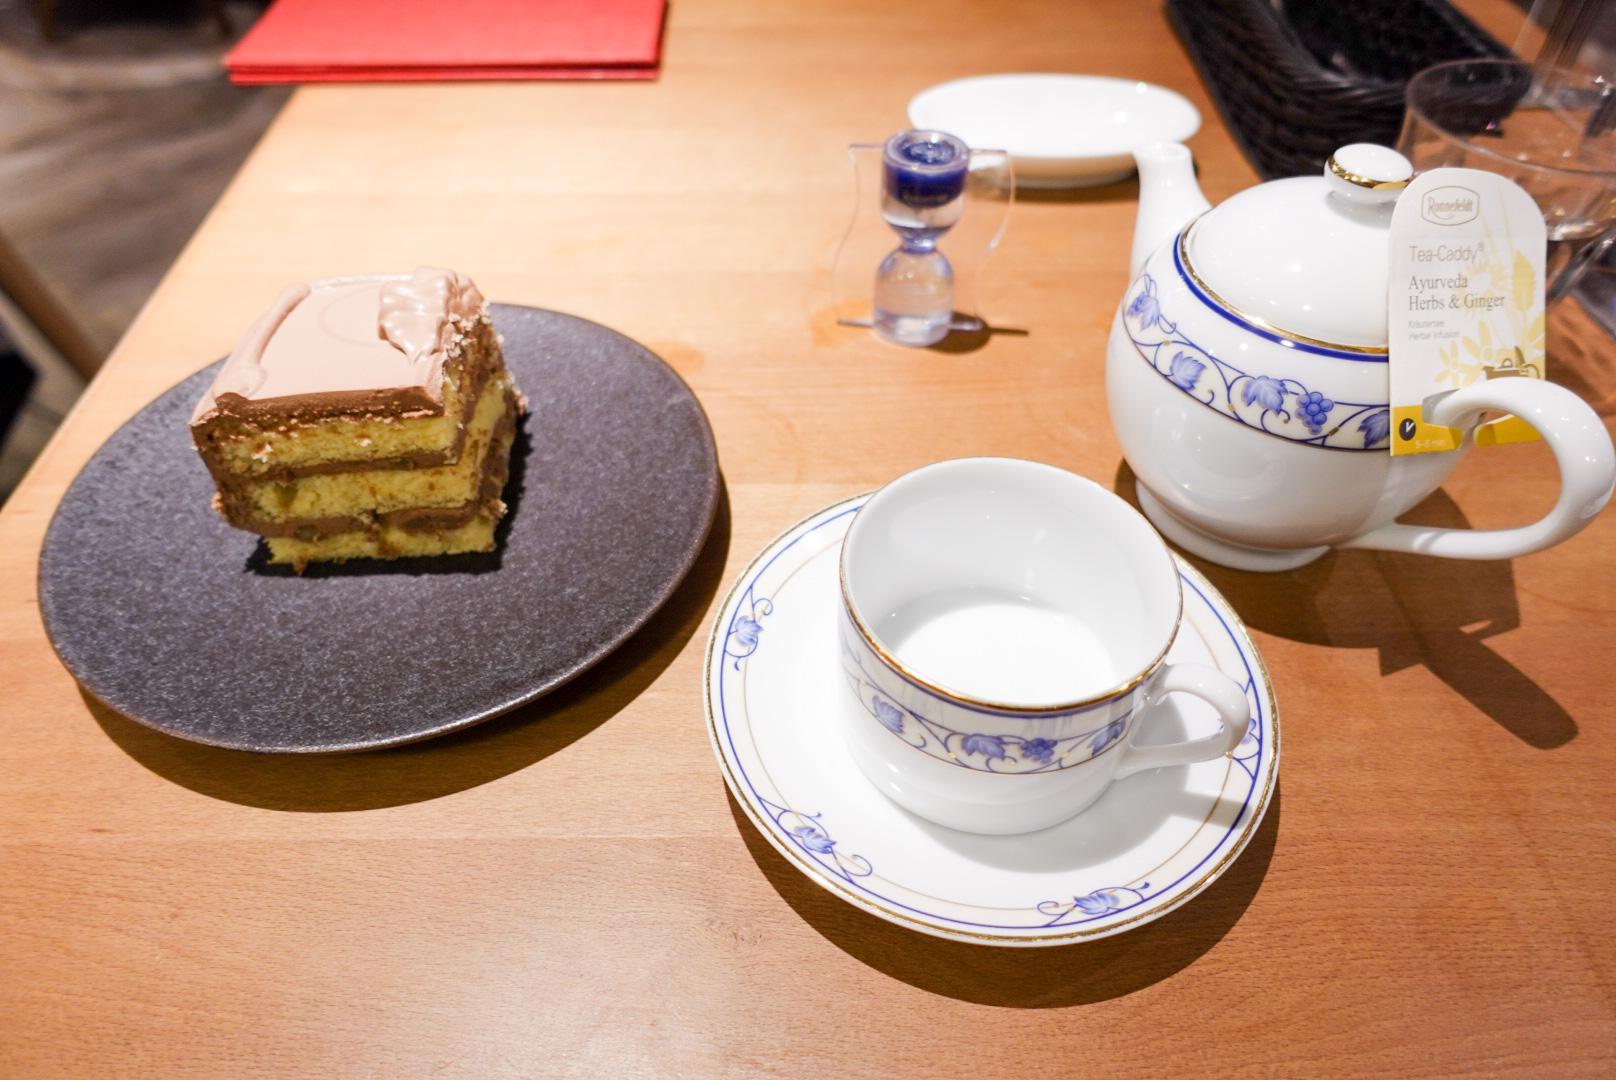 【大阪】マツコデラックスも大好き!?「Tops」カフェで人気のチョコレートケーキを食べてきた★くるみが入っていて甘すぎず美味しい_1